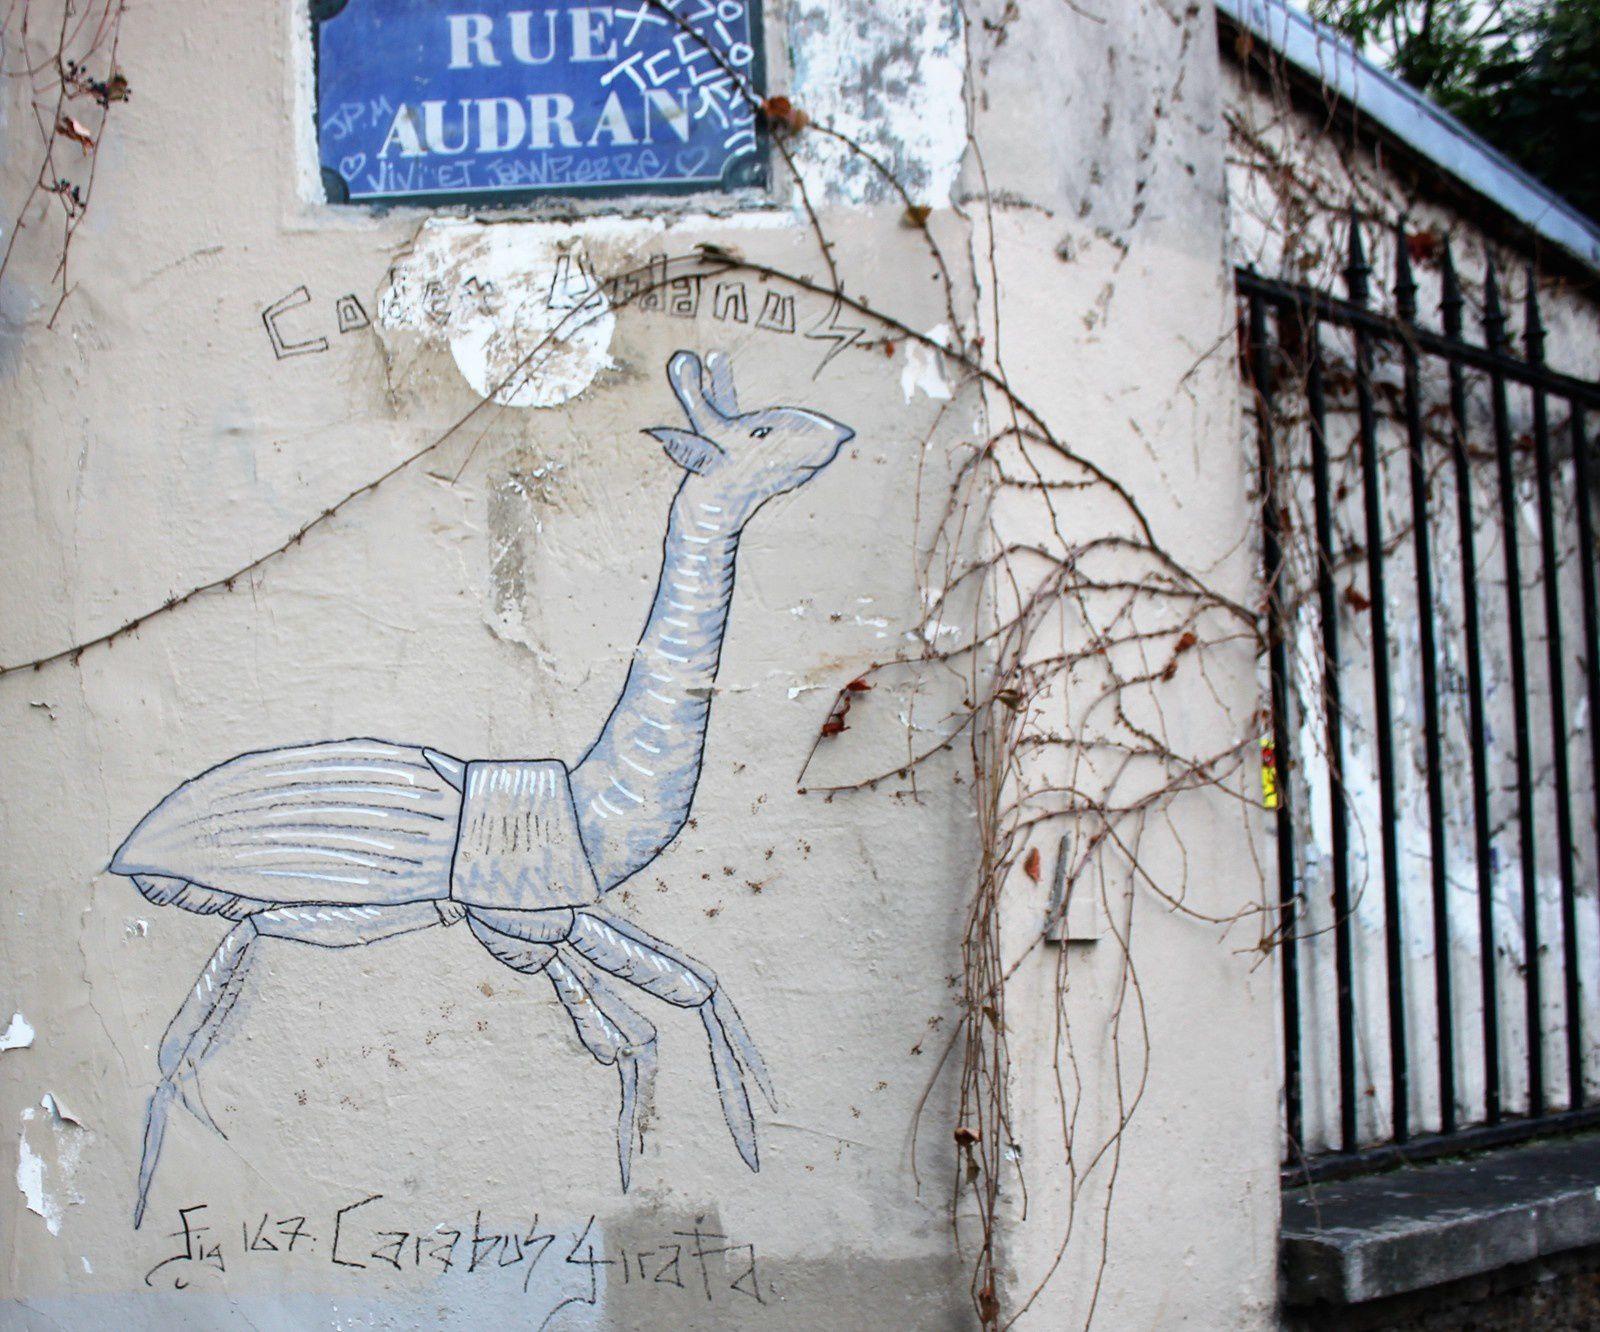 Codex Urbanus. Carabos Girafa. Rue Audran.